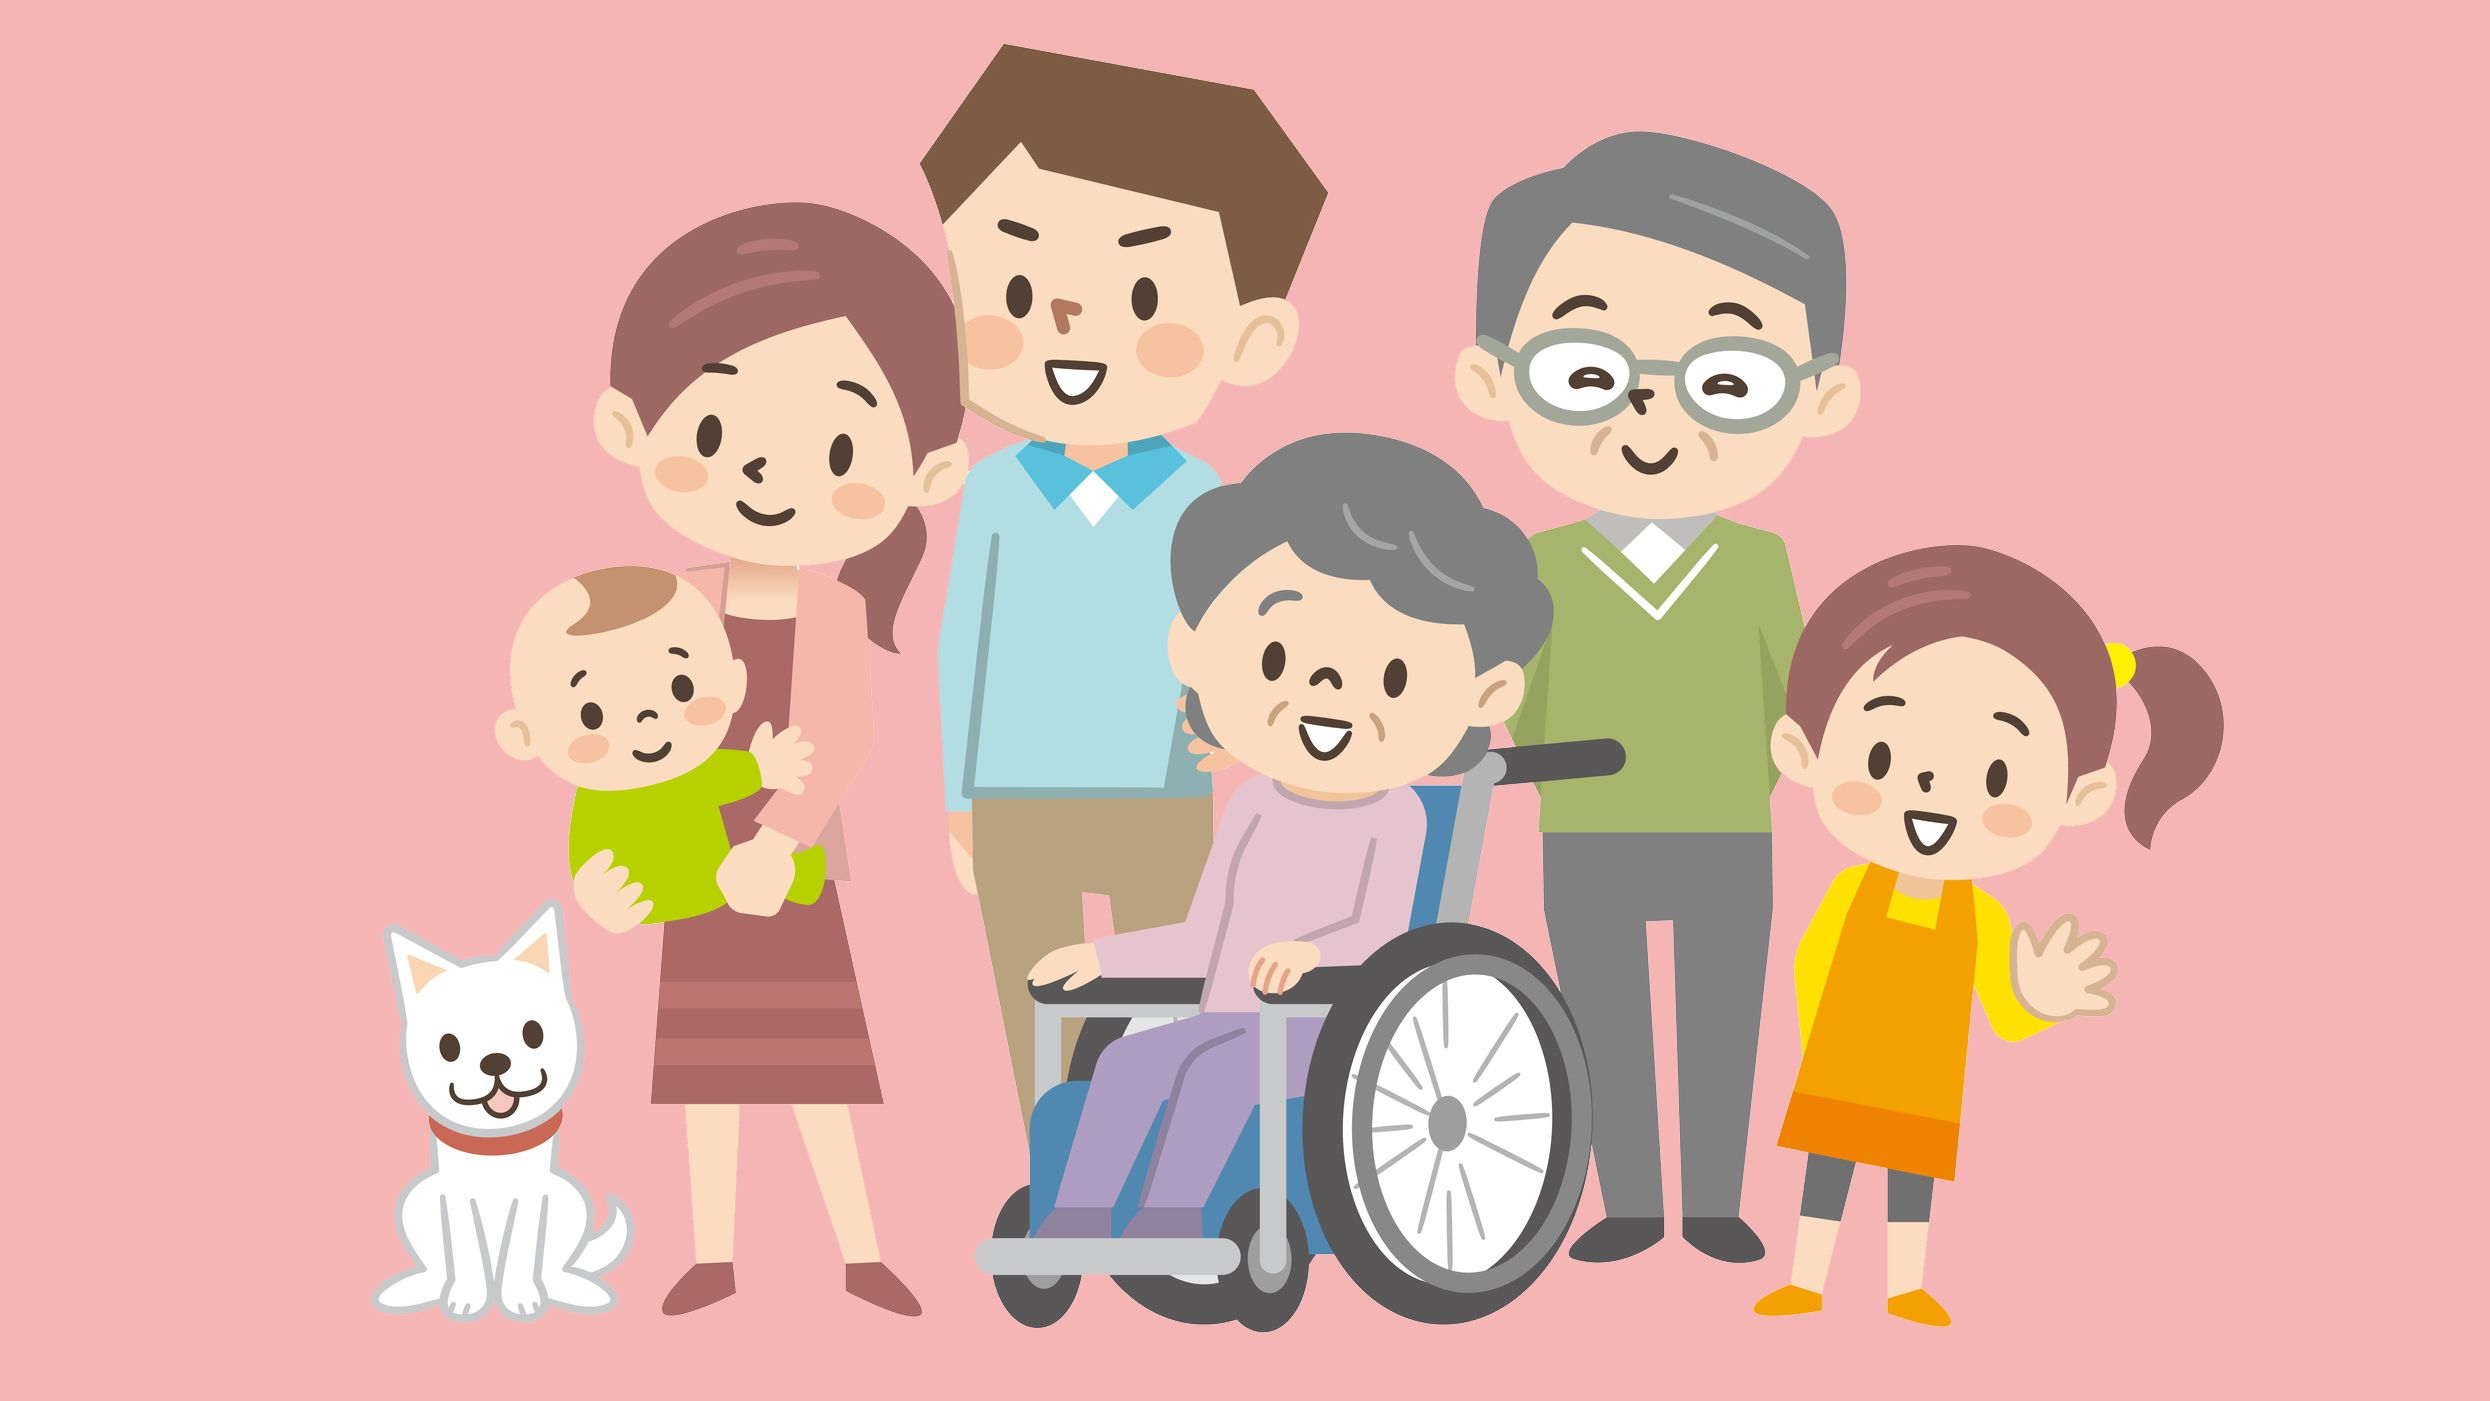 認知症による資産凍結を回避。家族信託を知っていますか